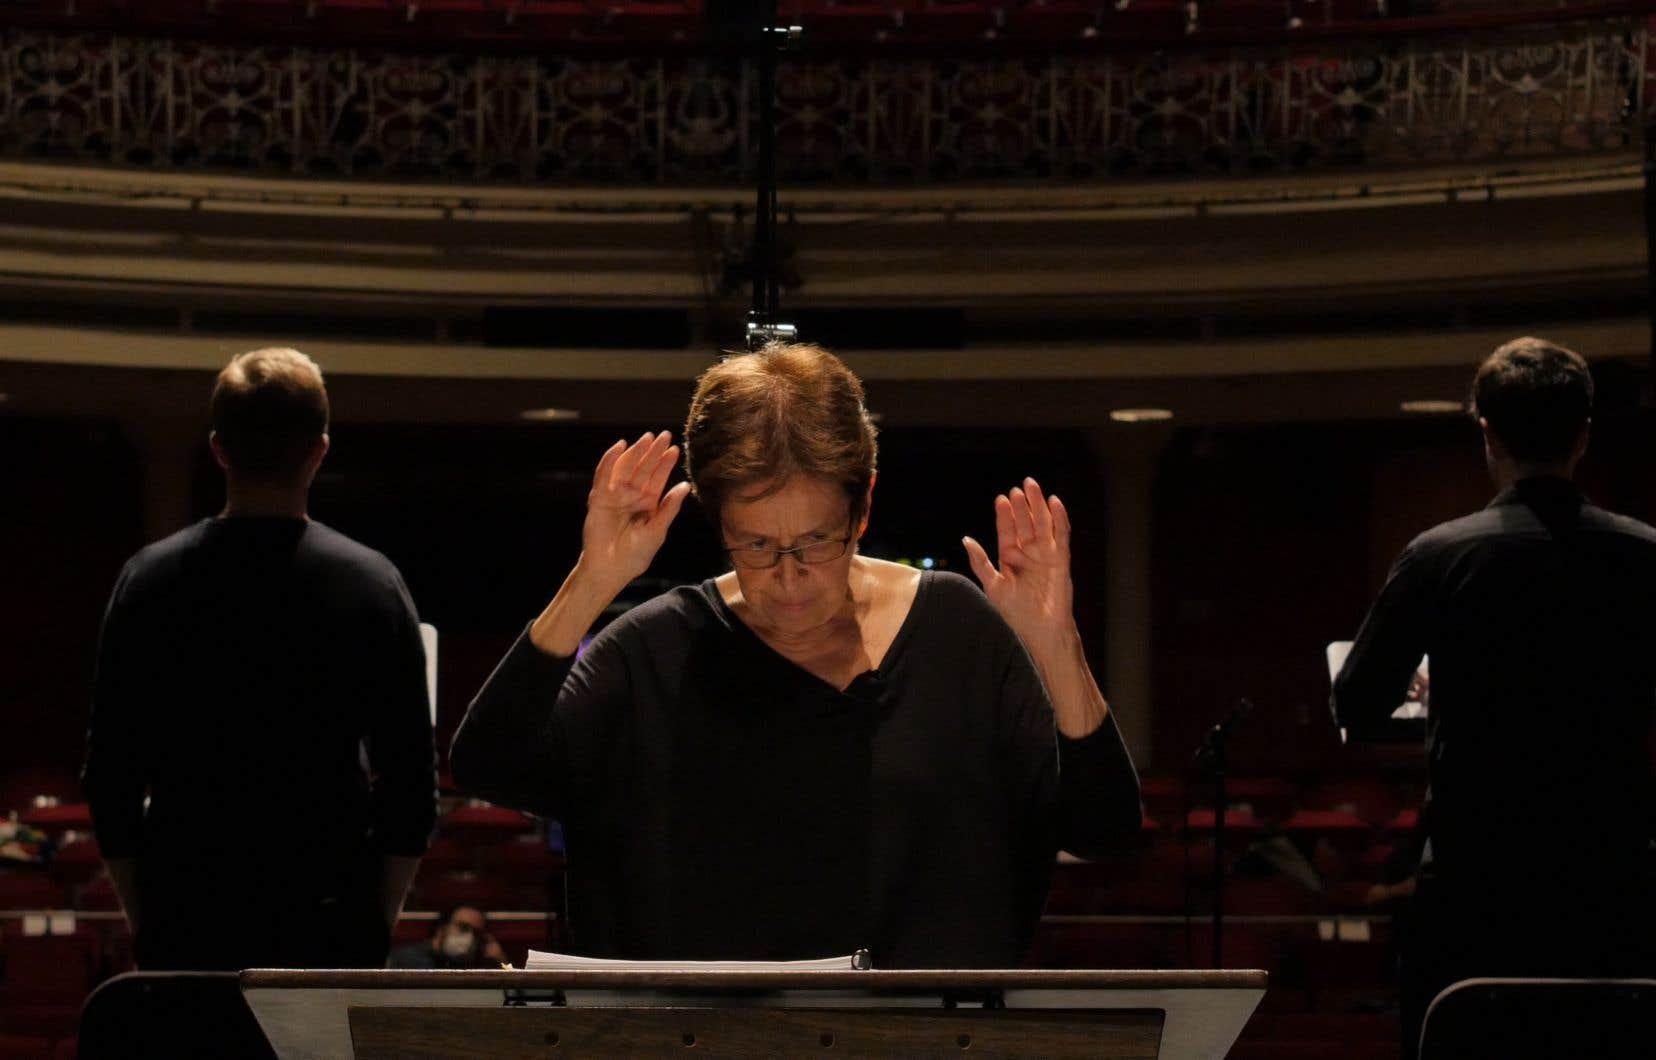 Dans un Monument national vide de tout, nous avons une lecture d'extraits de l'ouvrage: le Nouvel Ensemble Moderne (NEM), dirigé par Lorraine Vaillancourt est en fond de scène, les solistes en avant avec leur partition.